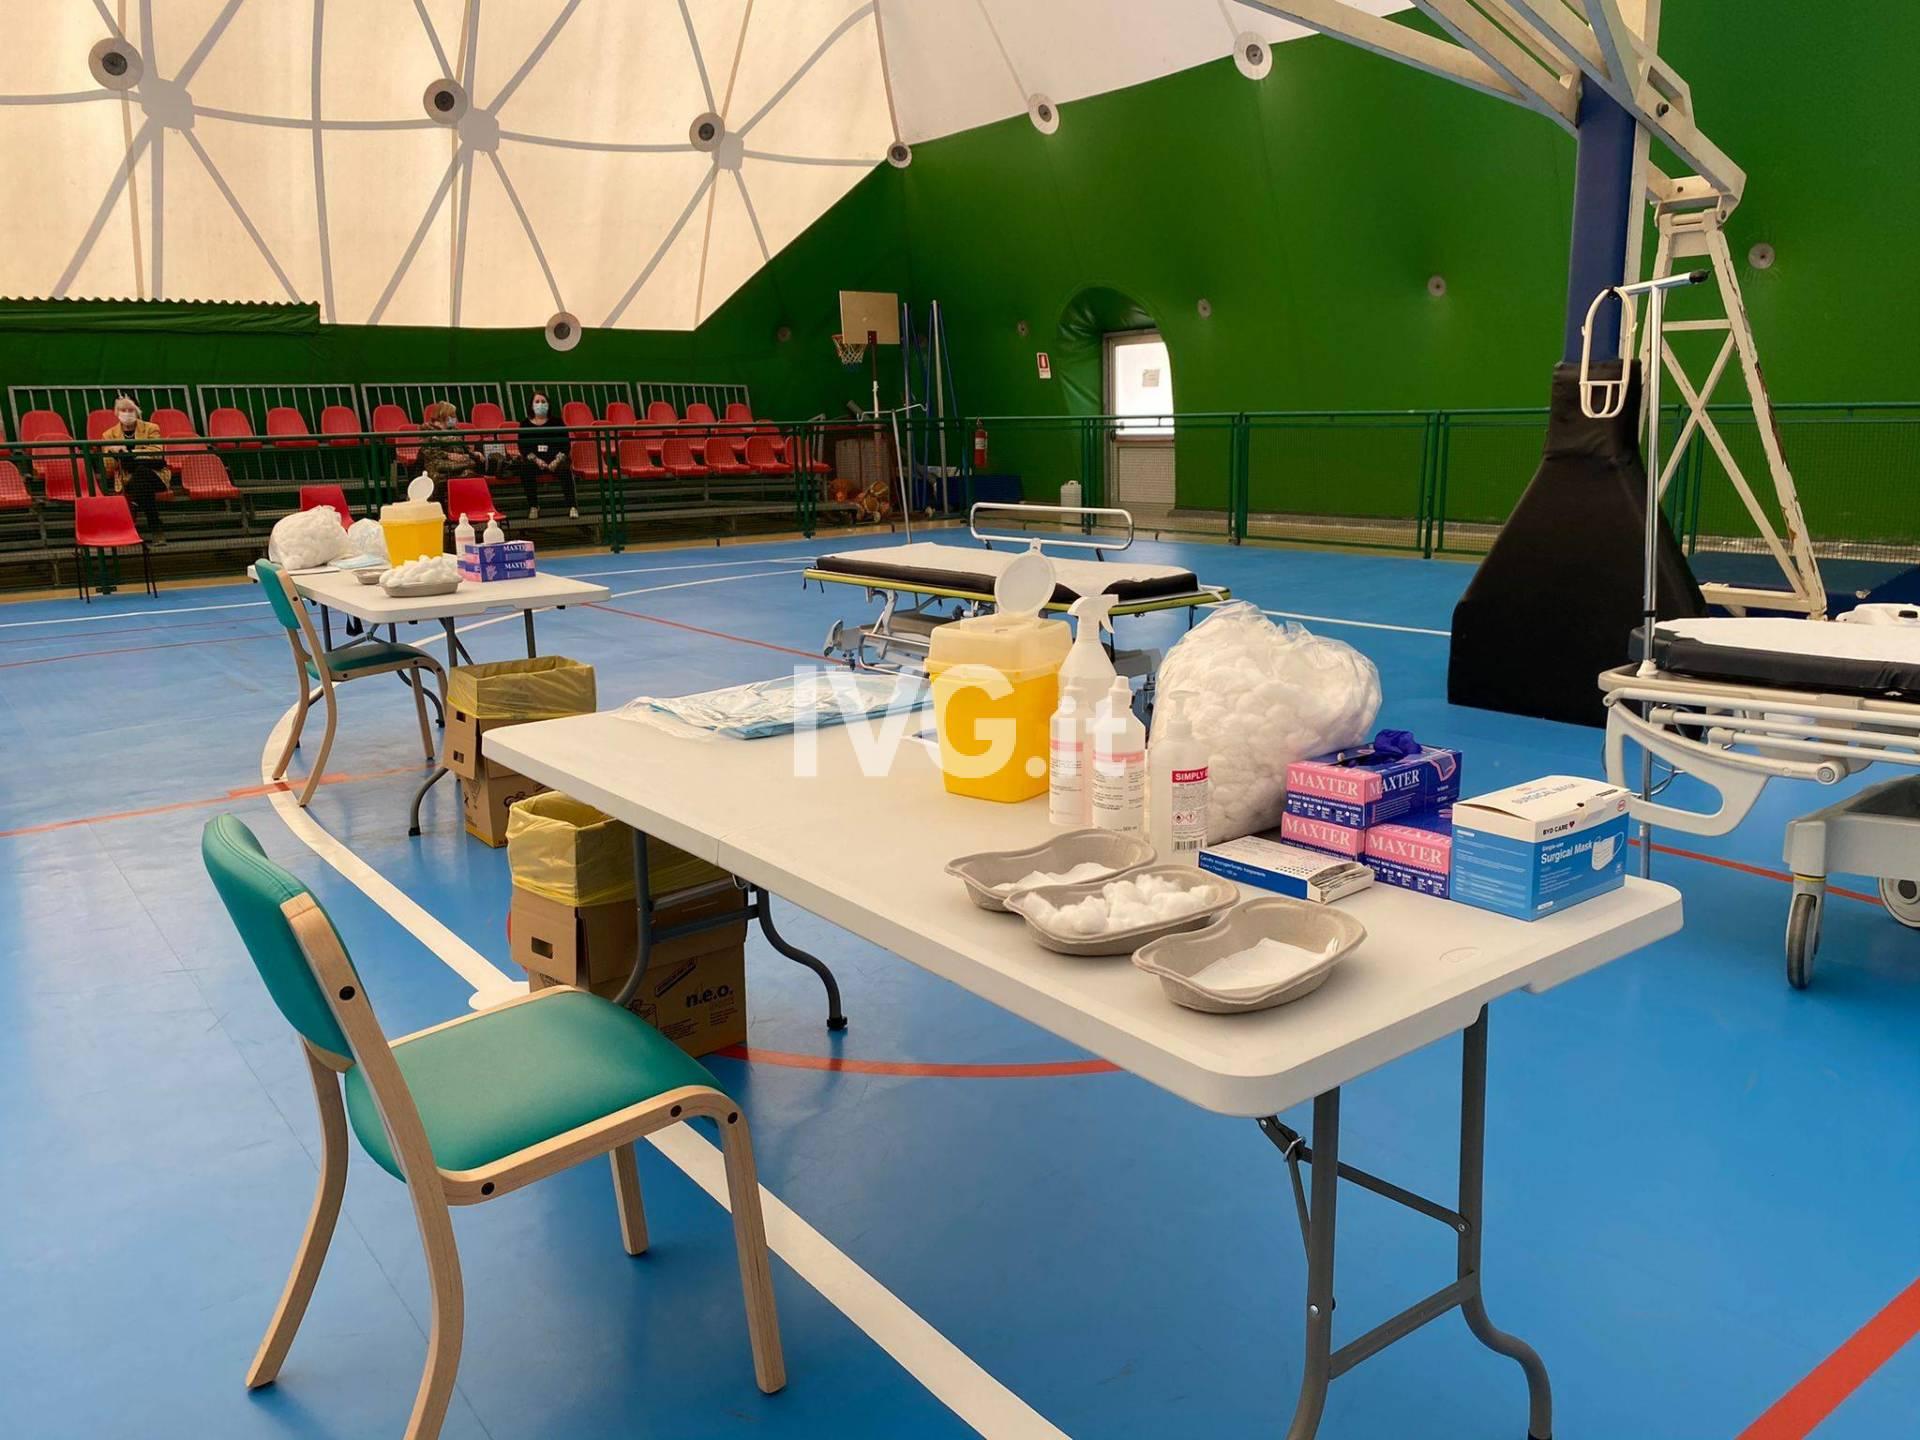 Albenga, lotto di Astrazeneca mal conservato blocca le vaccinazioni